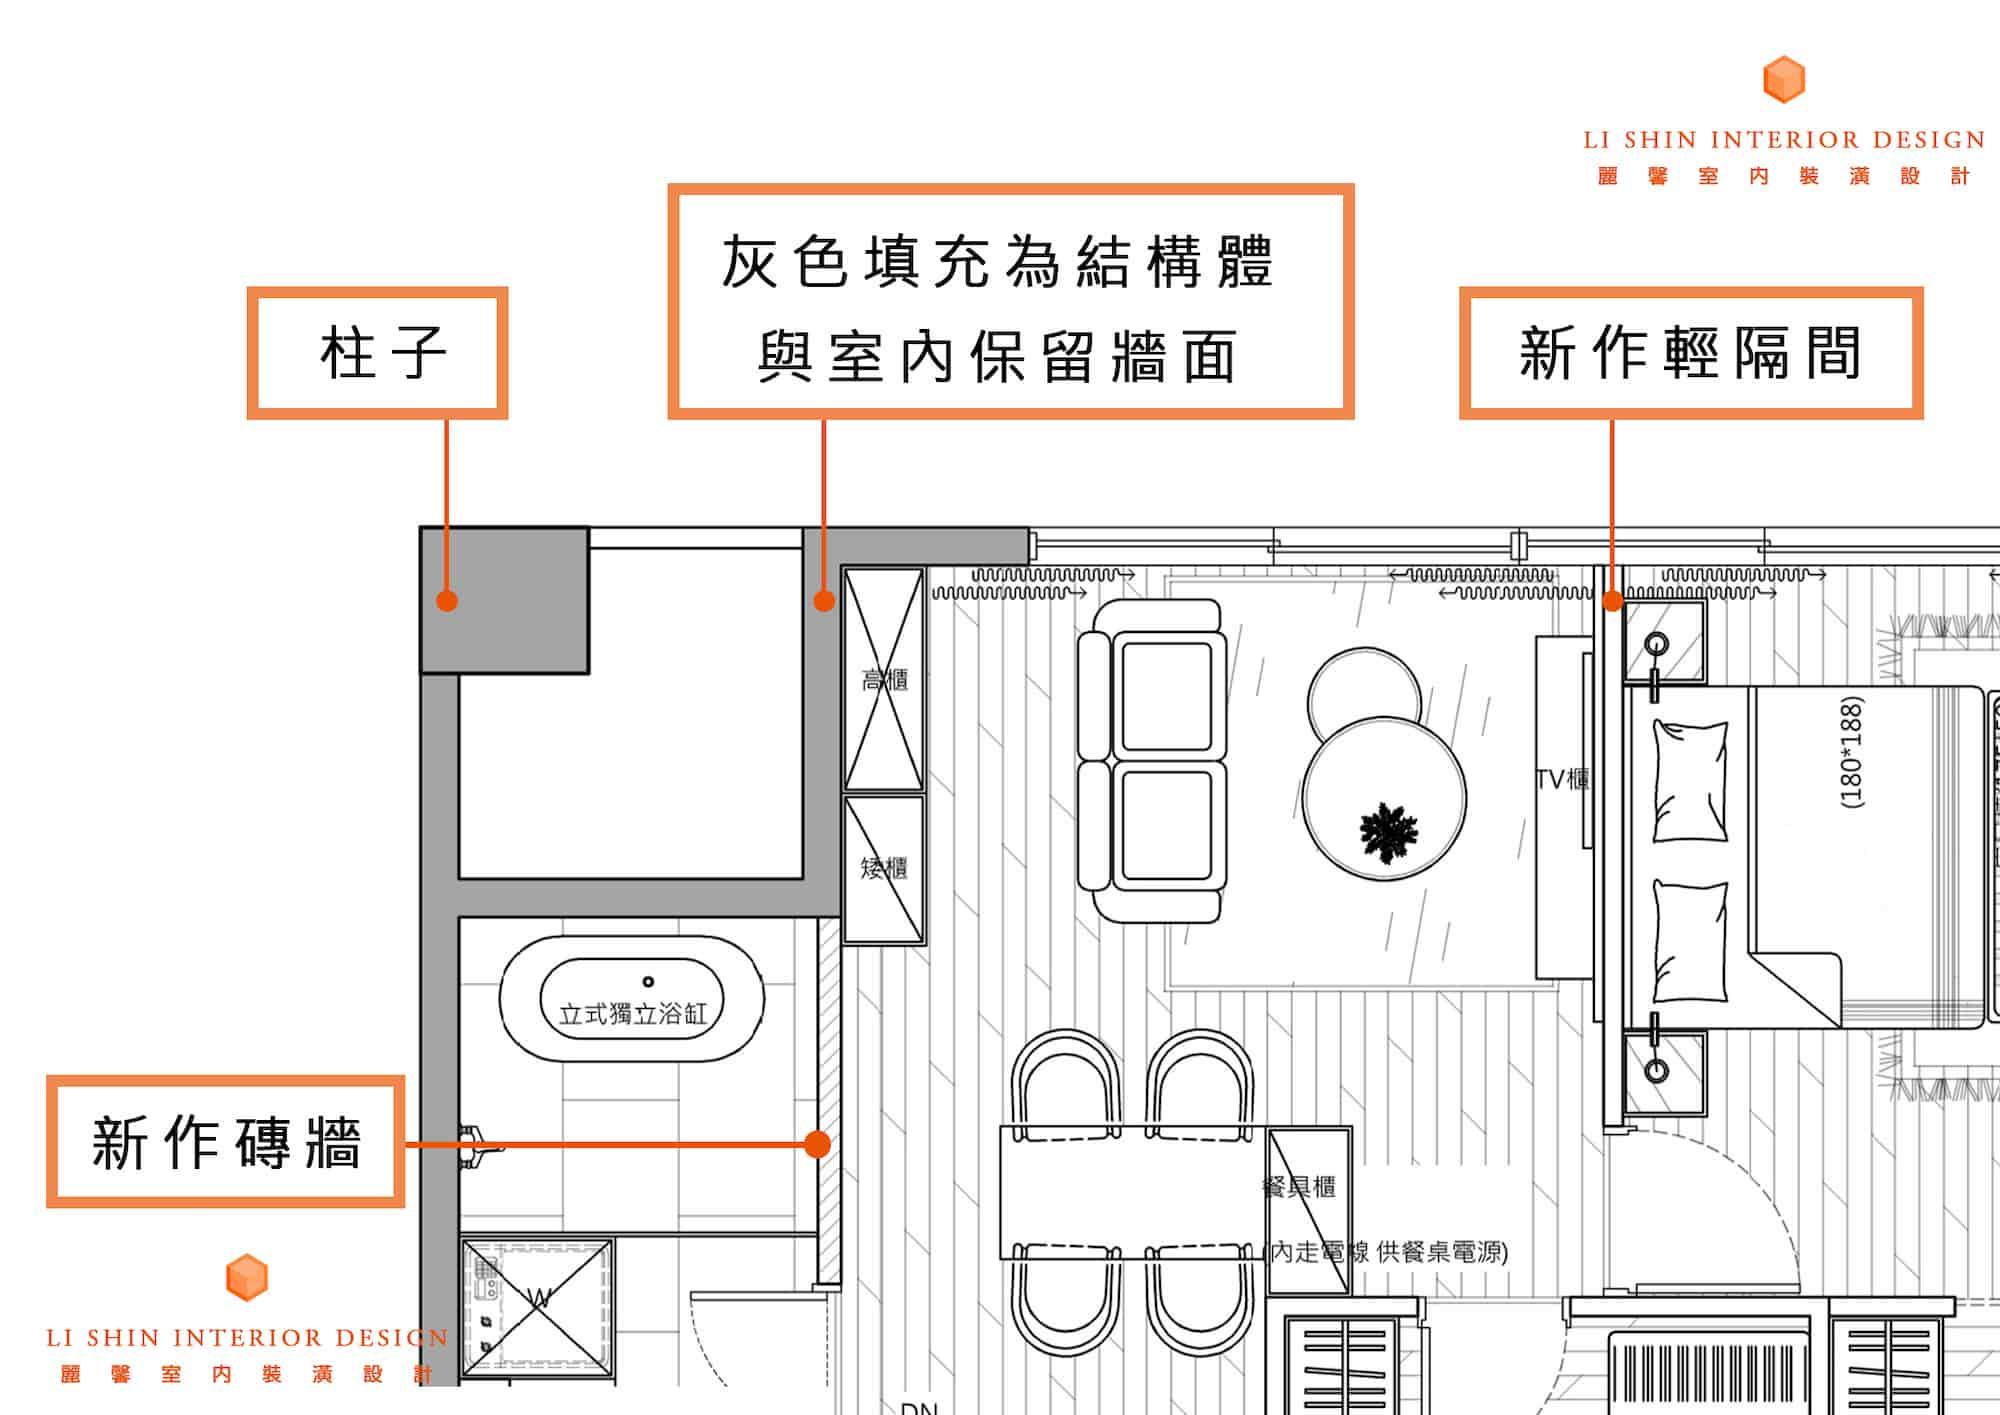 建築物結構體與室內保留牆面都會以灰色填實標示  新作磚牆會以 //// 標示  輕隔間或木隔間皆無填充標示